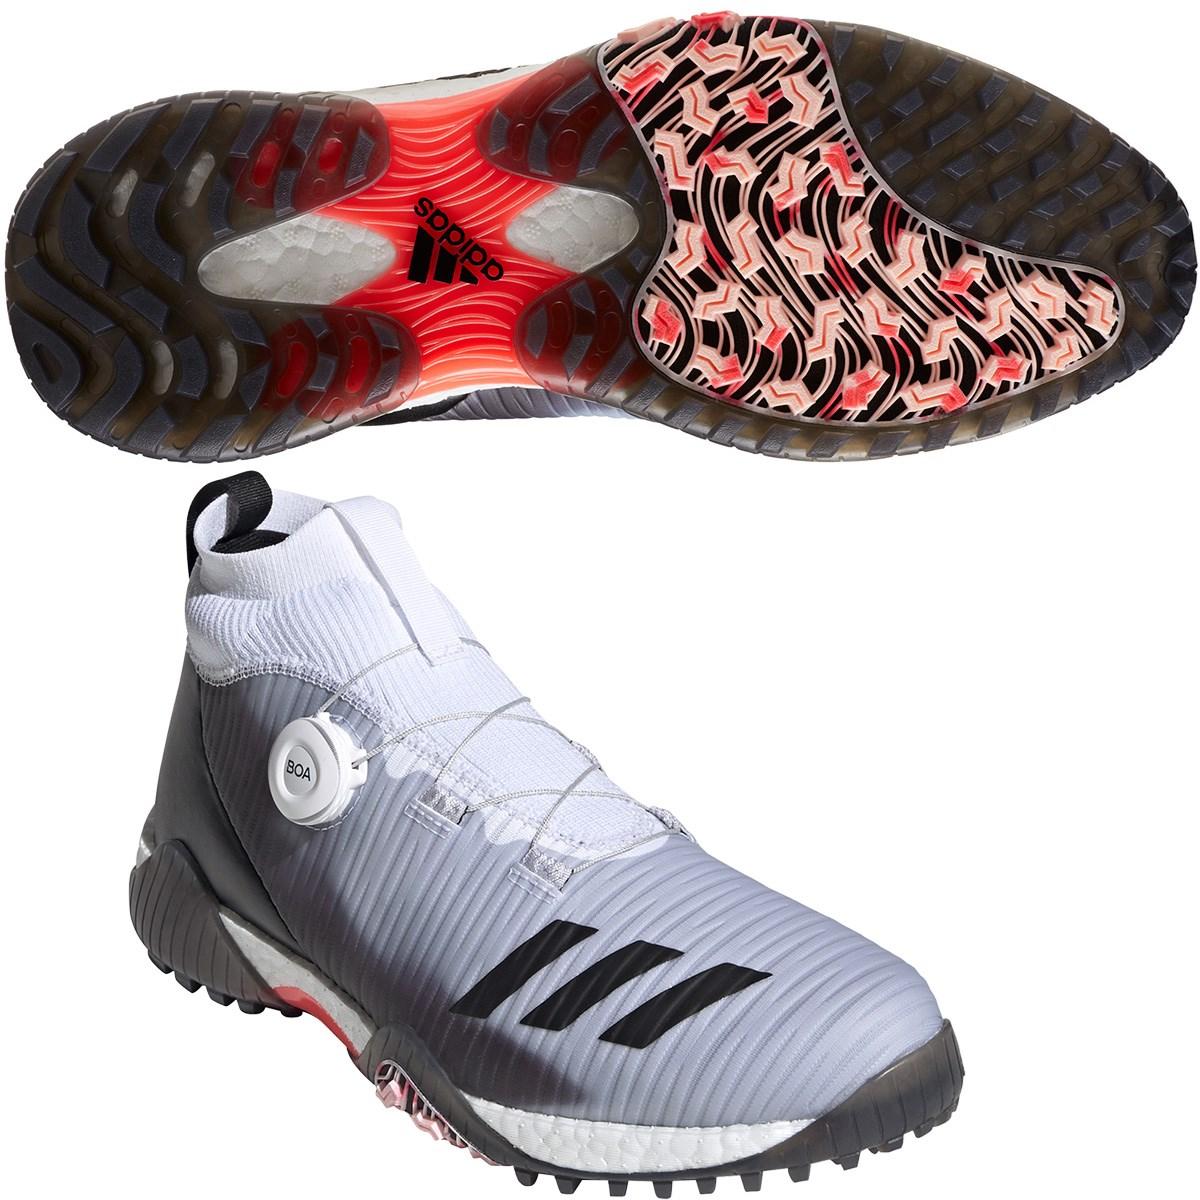 アディダス Adidas コードカオス ボア シューズ 25cm ホワイト/コアブラック/ライトフラッシュオレンジ